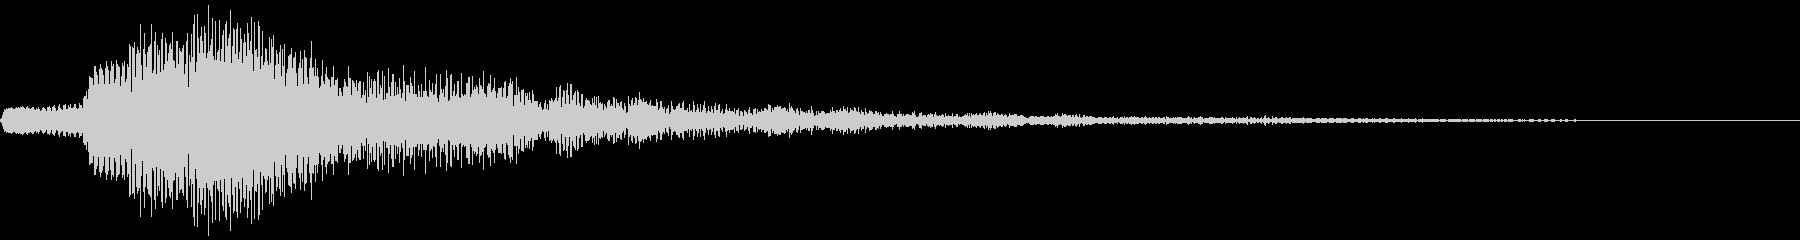 UI ピロリン クールで聞きやすい決定音の未再生の波形